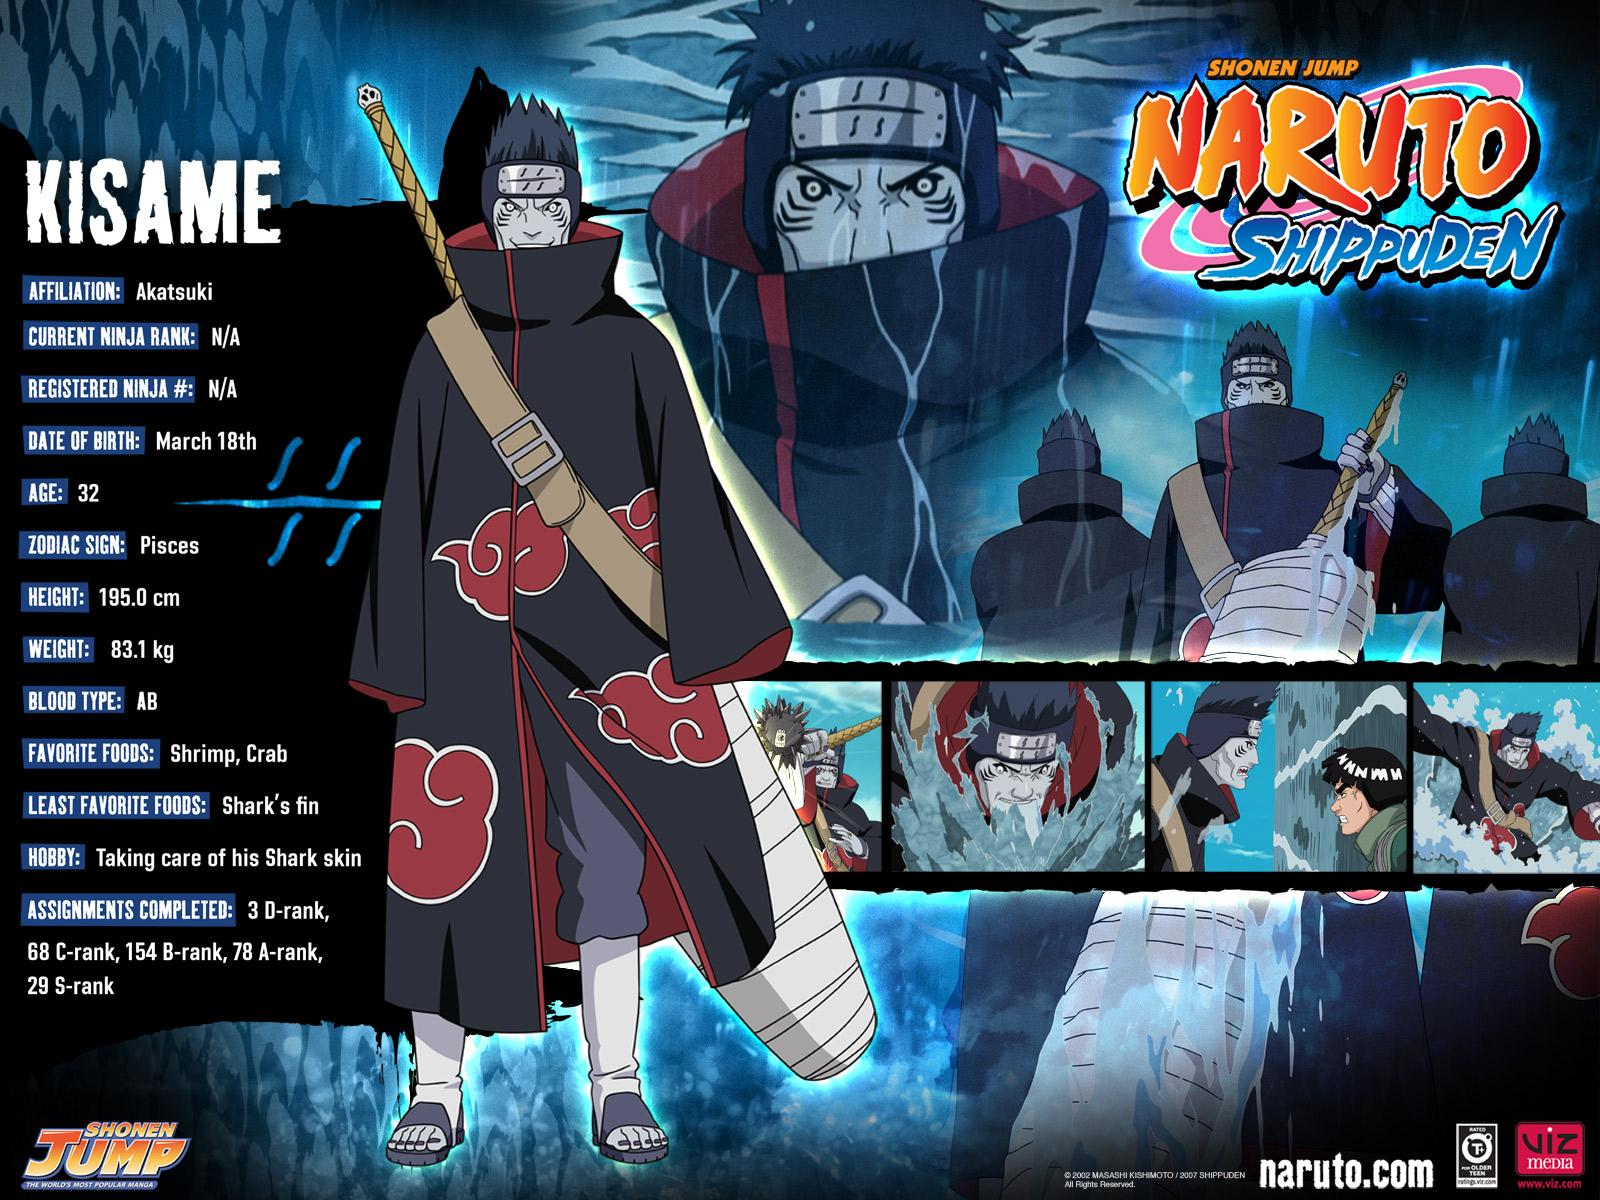 http://4.bp.blogspot.com/-Dccmf0PdNMI/Tbj3DWmz4NI/AAAAAAAAAT8/ywPj6M2ULN8/s1600/Naruto_Shippuden_10_1600x1200.jpg